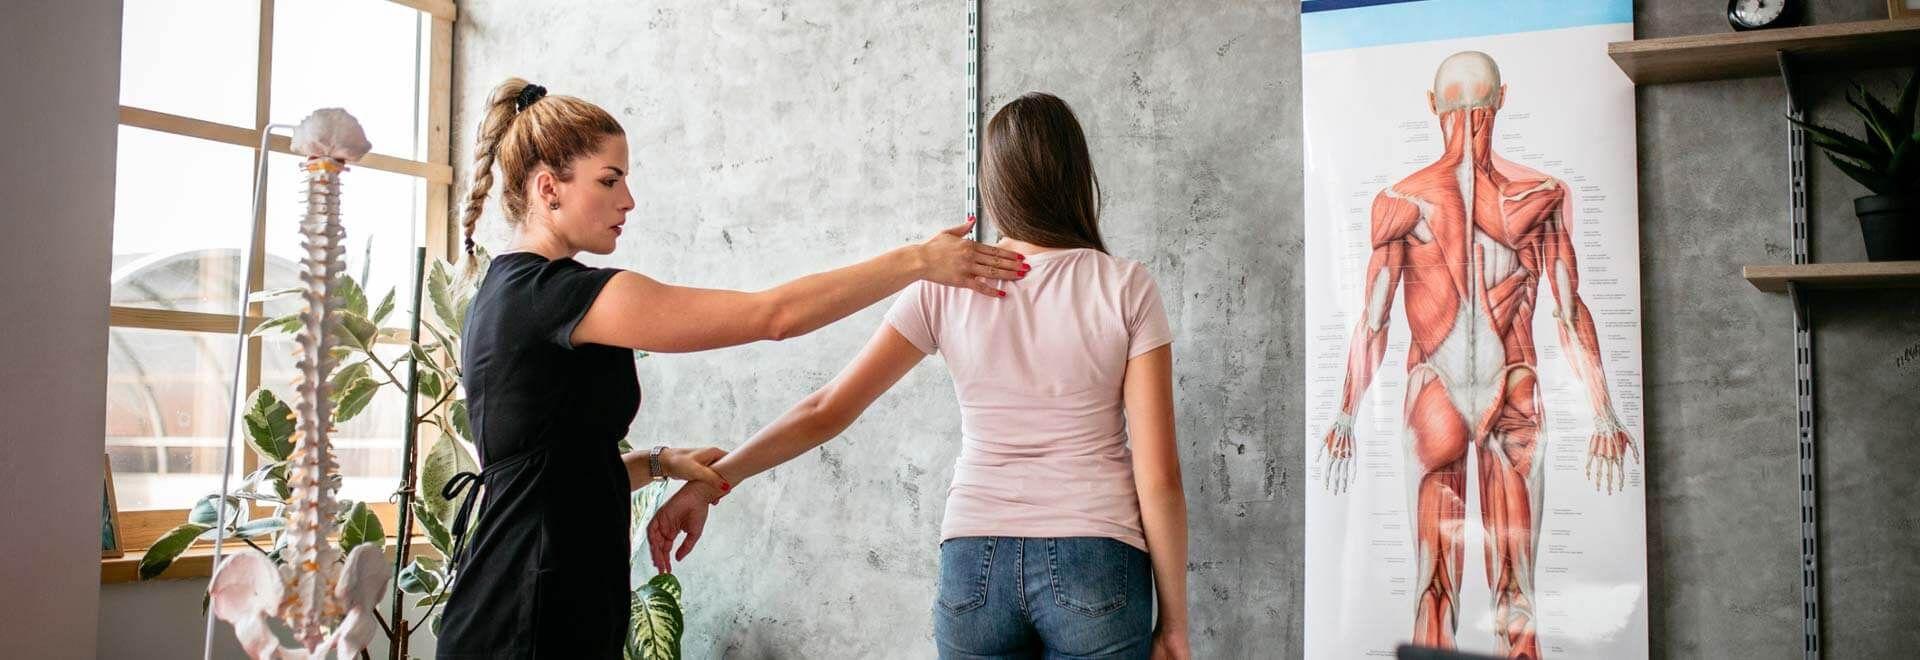 Eine Rückenschullehrerin kontrolliert die Haltung einer Klientin